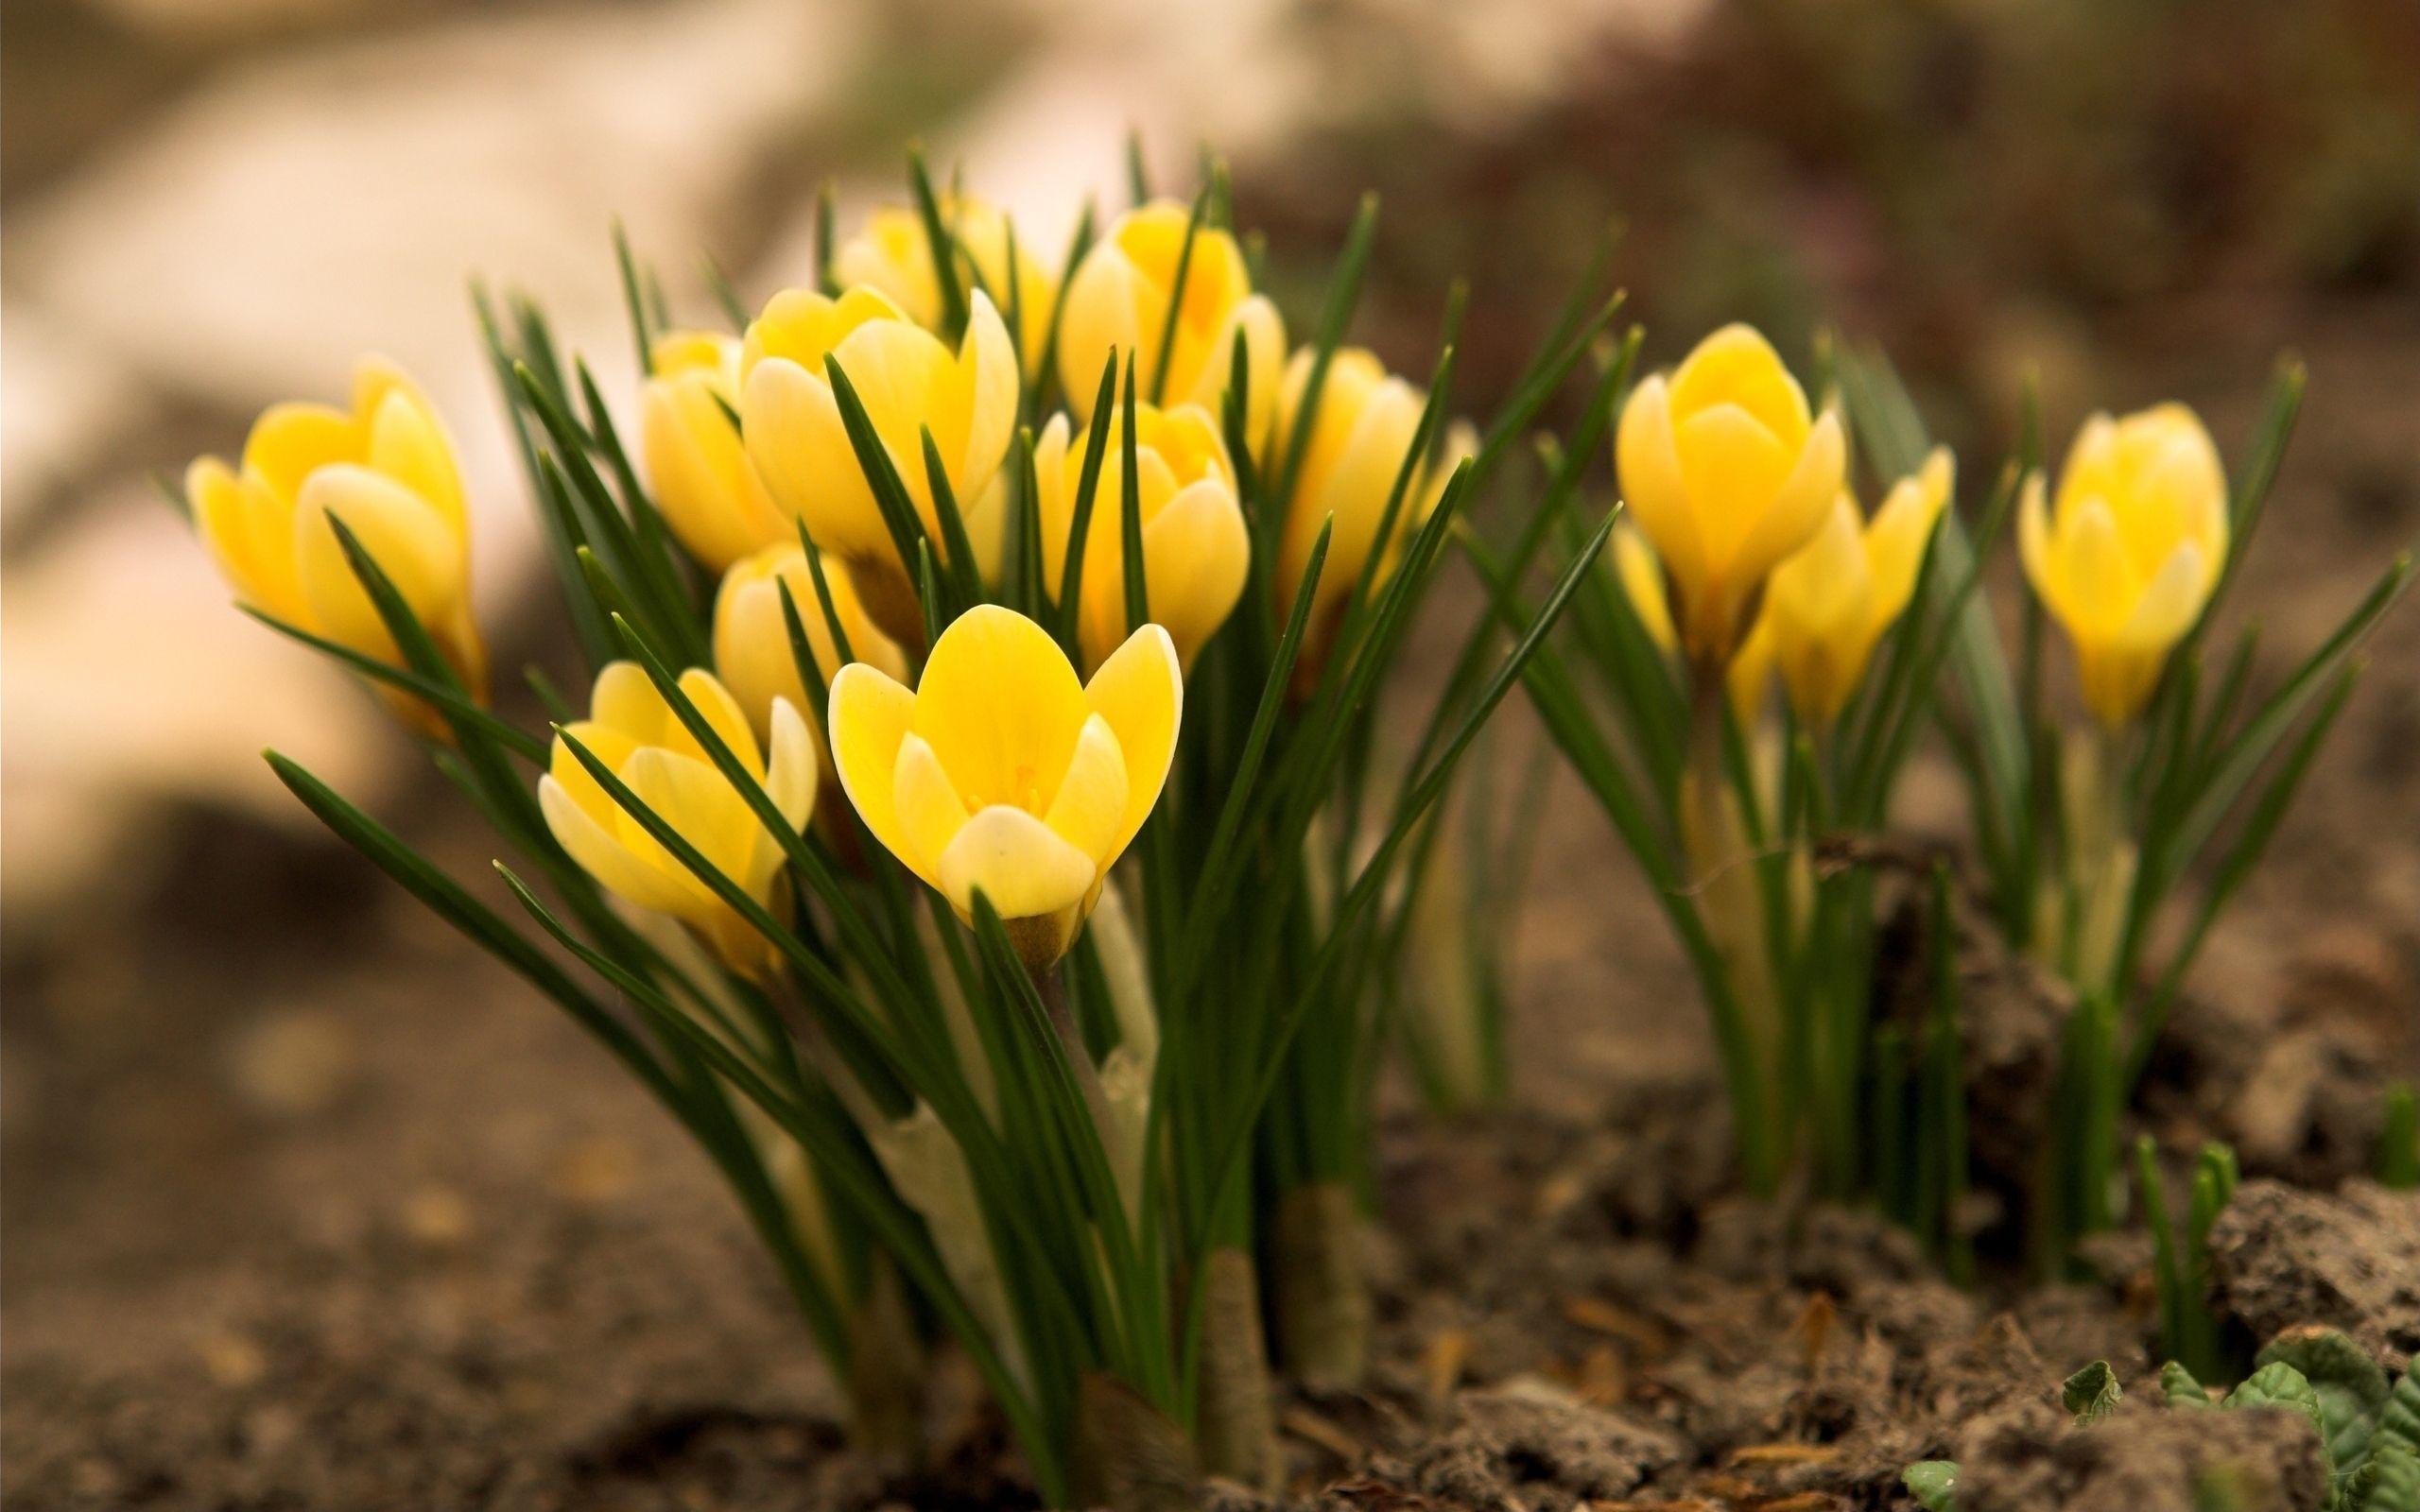 Beautiful yellow crocus flower hd wallpaper wallpaper list beautiful yellow crocus flower hd wallpaper wallpaper list mightylinksfo